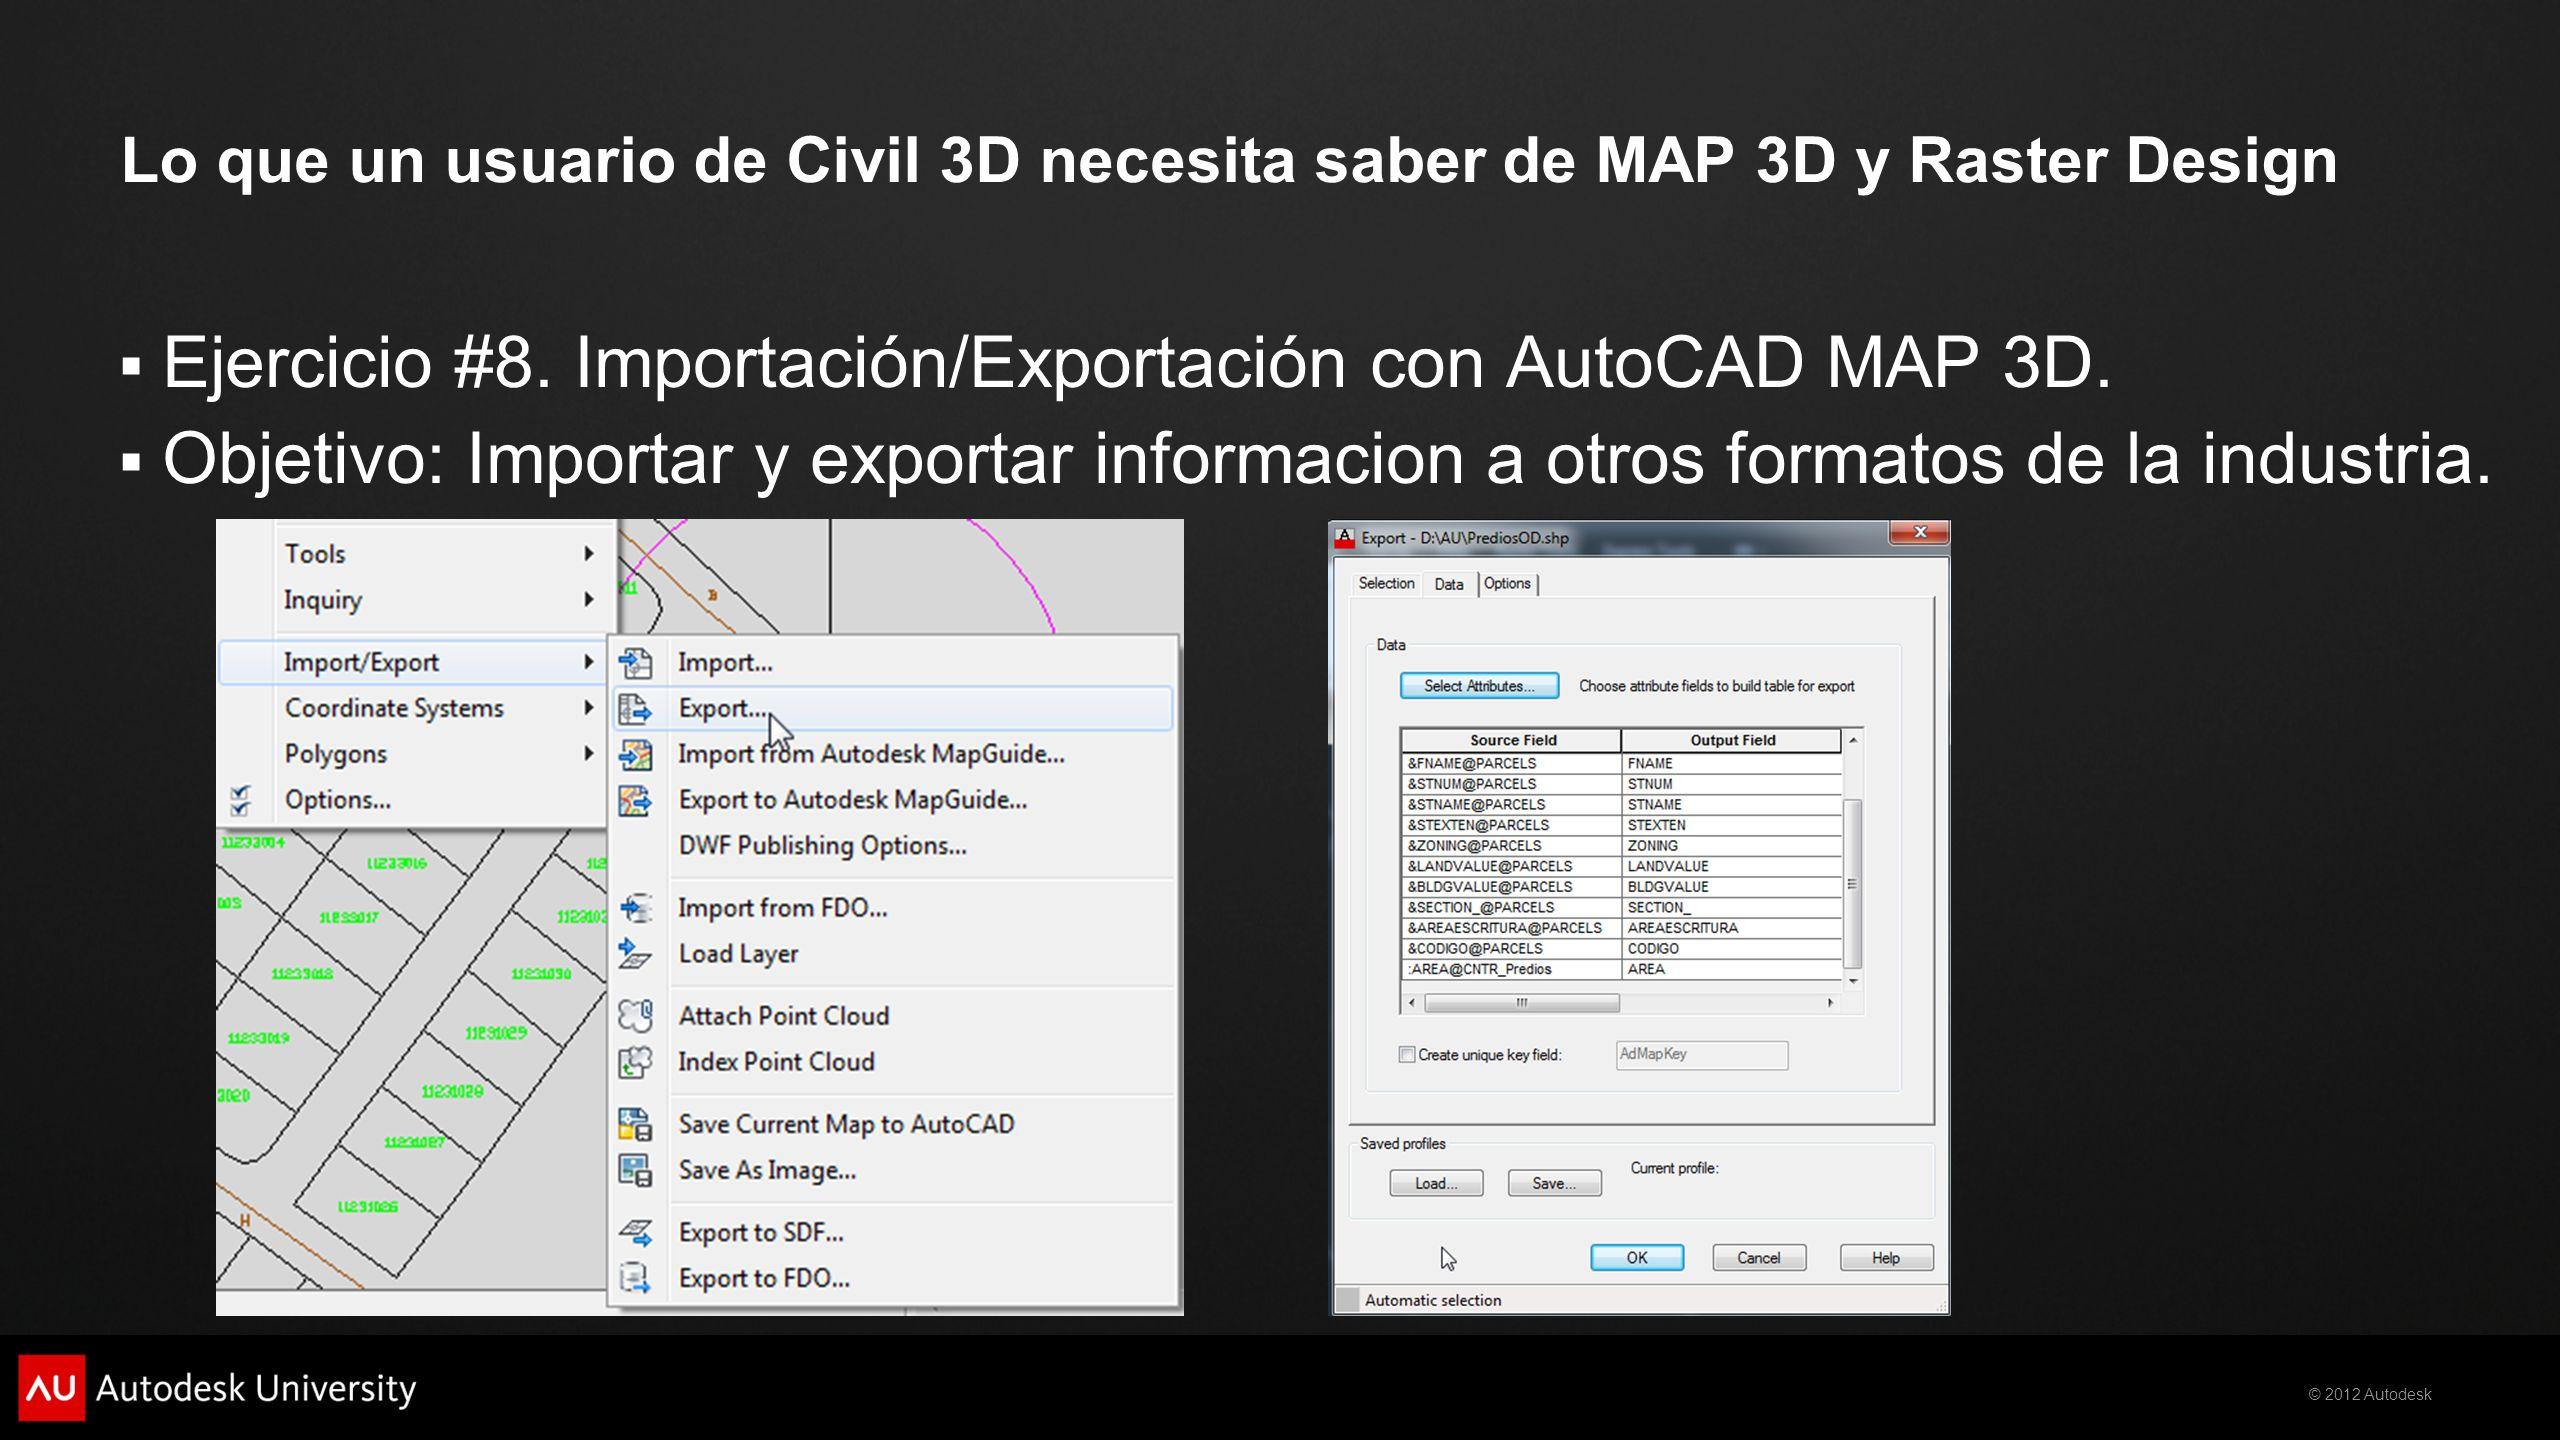 Lo que un usuario de Civil 3D necesita saber de MAP 3D y Raster Design